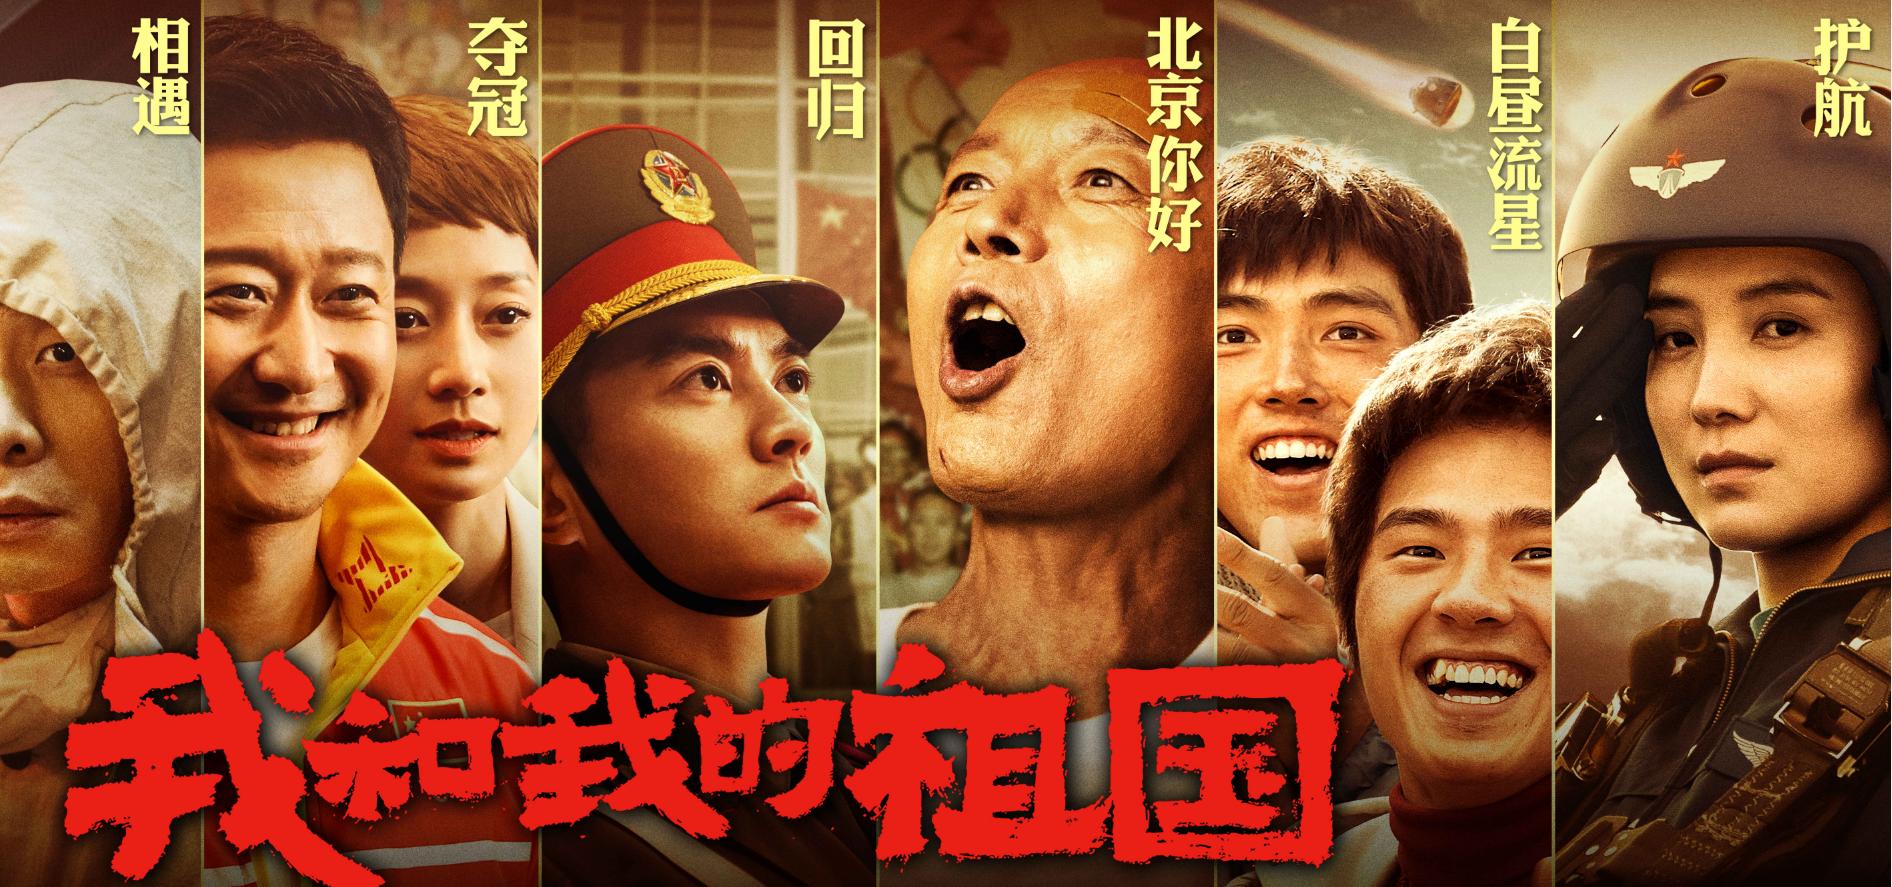 电影《我和我的祖国》突破11亿票房,国庆档排名第一